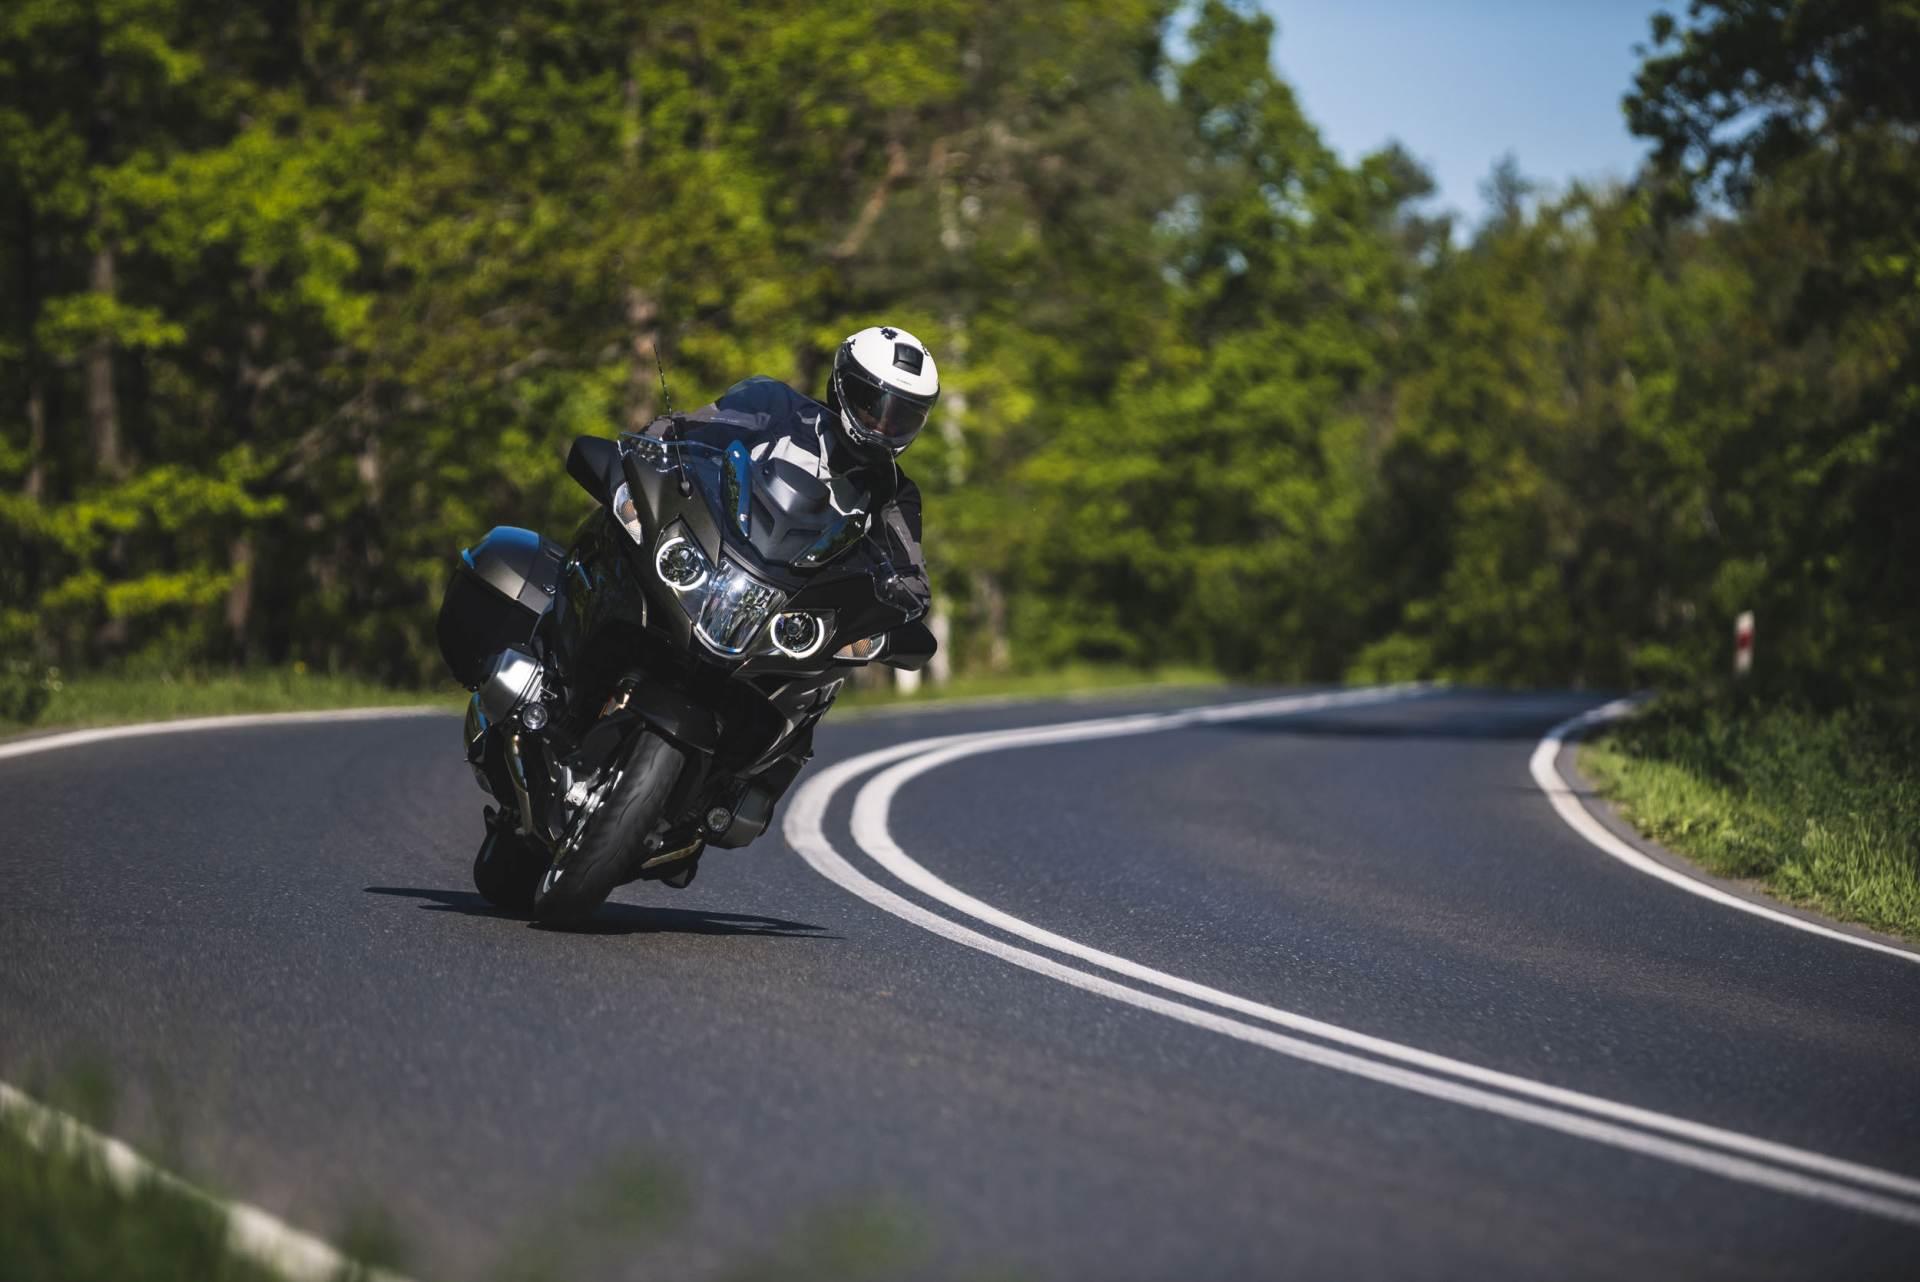 BMW R1250RT Motocykl dla niskich osób